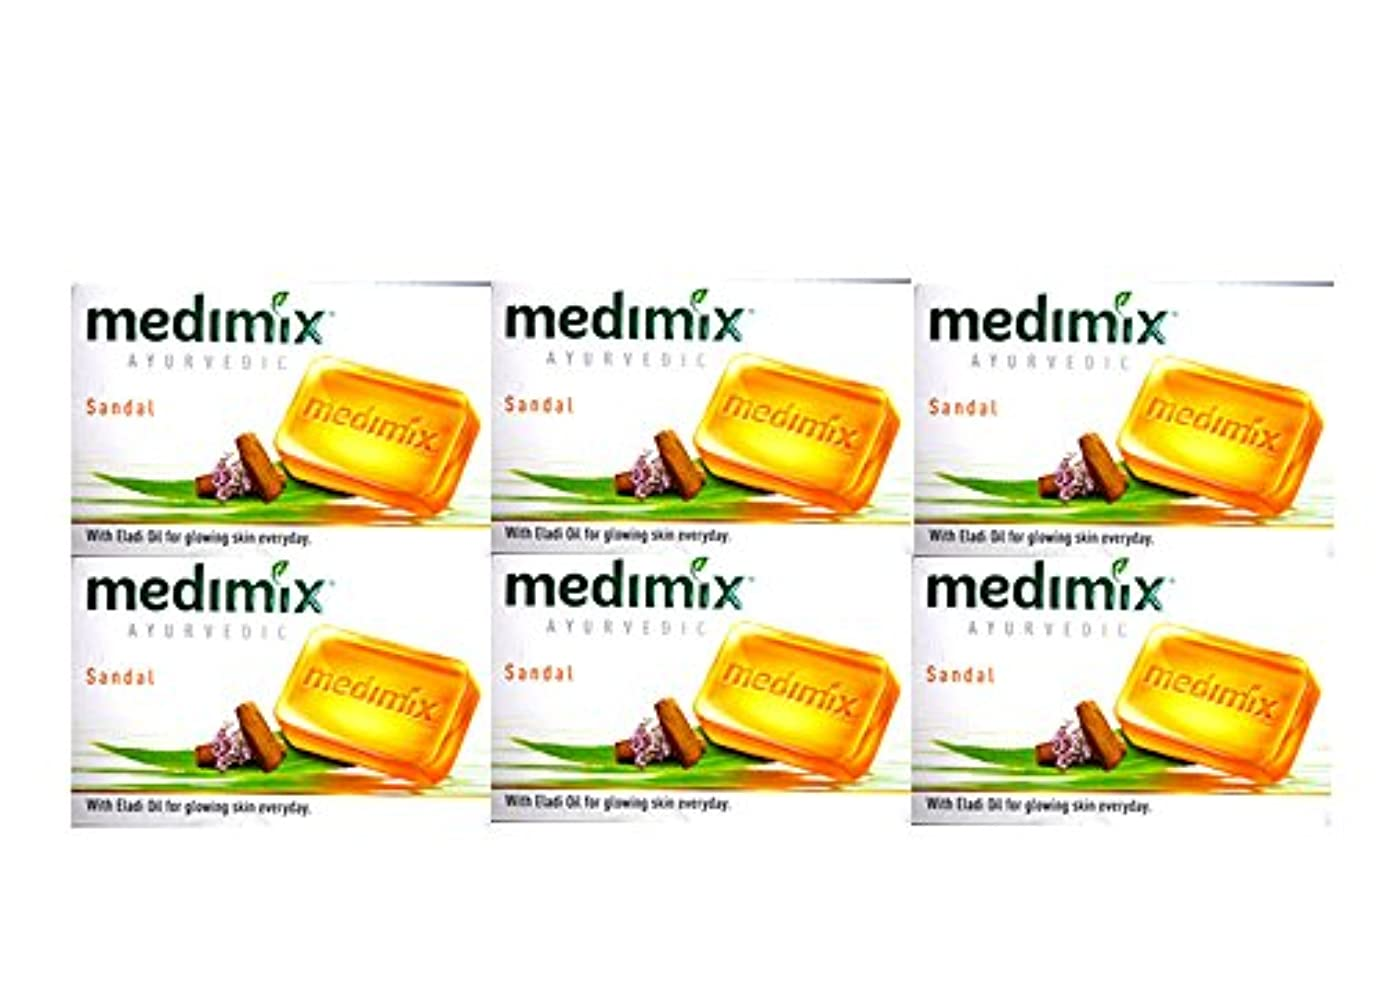 エキス似ている障害MEDIMIX メディミックス アーユルヴェディックサンダル 6個セット(medimix AYURVEDEC sandal Soap) 125g